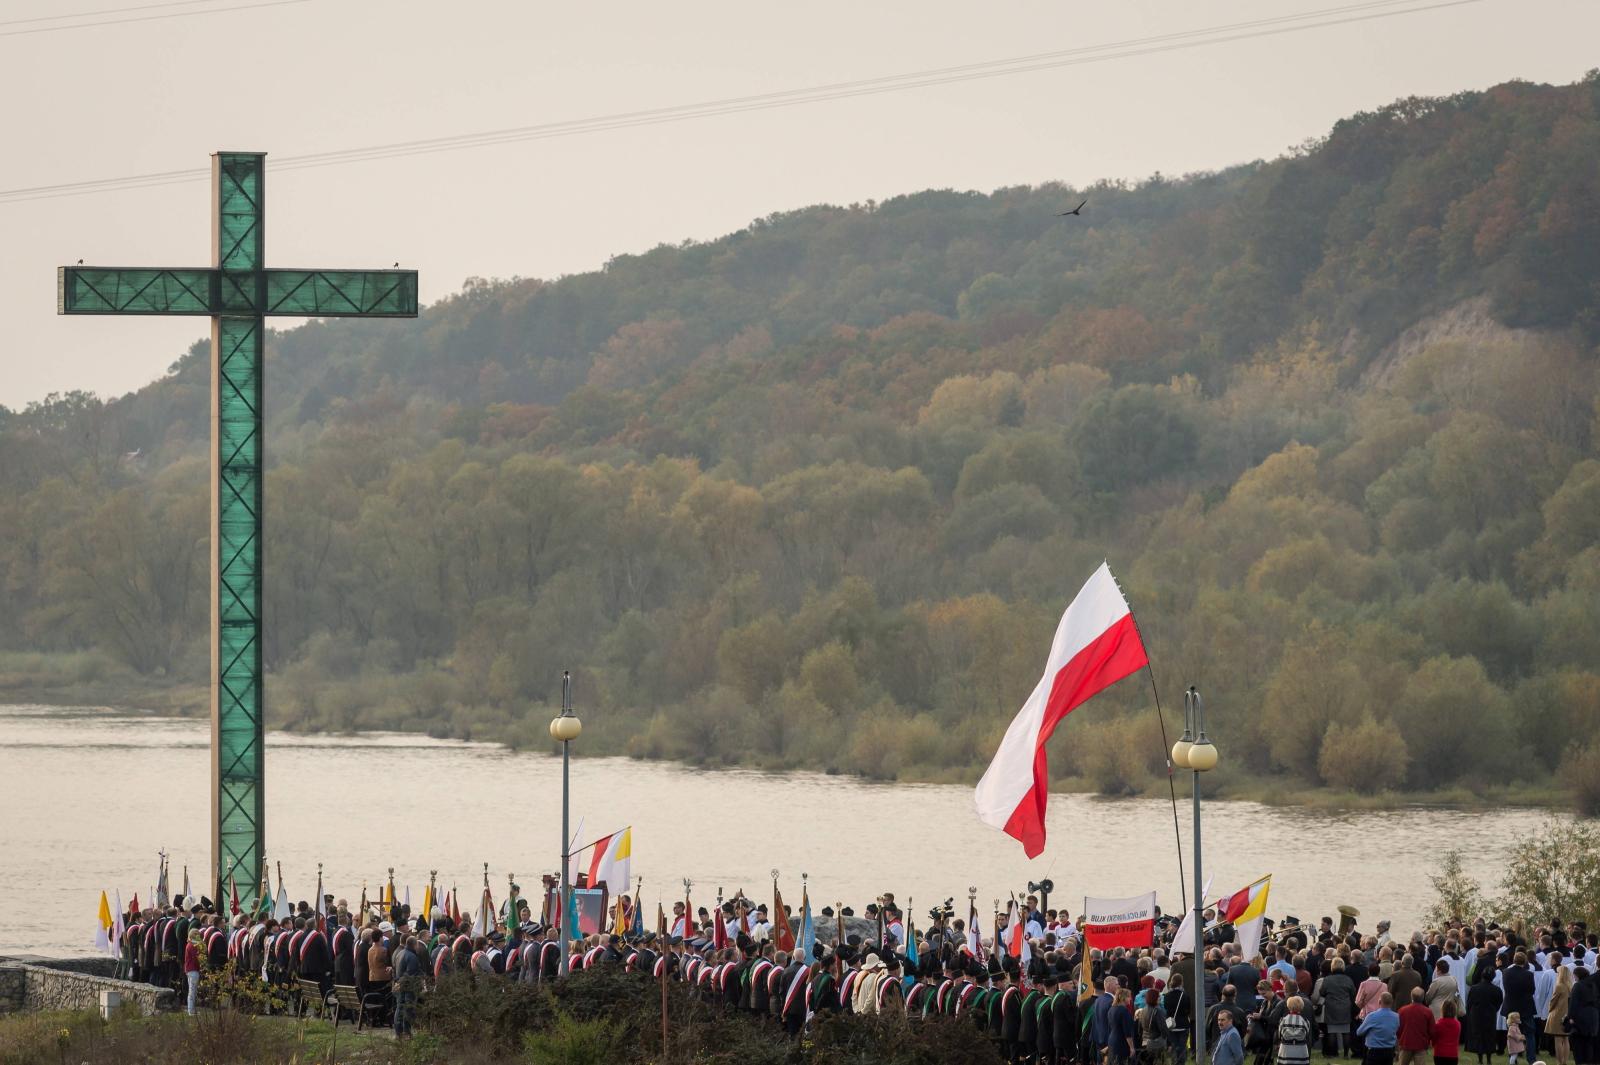 Uroczystości 33. Rocznicy Męczeńskiej Śmierci bł. ks. Jerzego Popiełuszki - uroczystości na włocławskiej tamie.